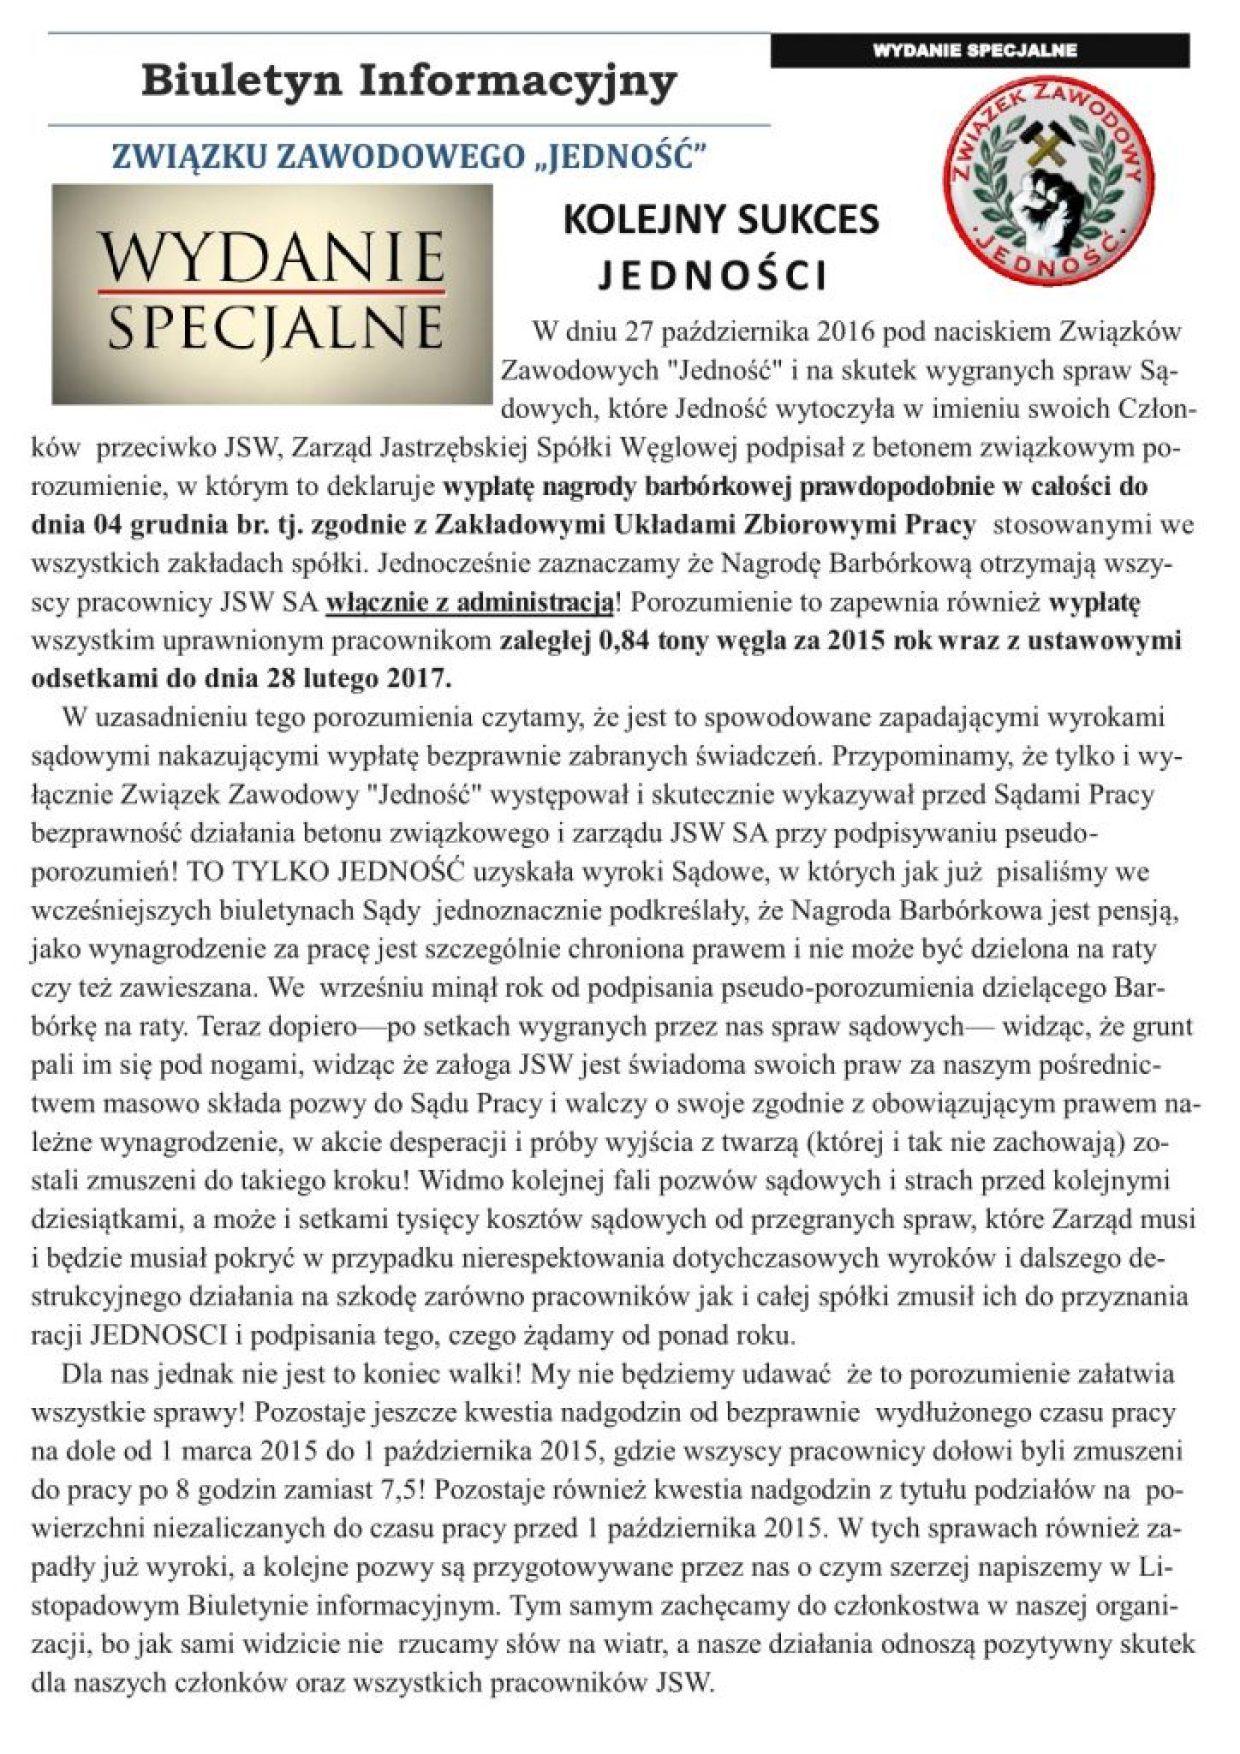 biuletyn-pazdziernik-2016-wydanie-specjalne_1